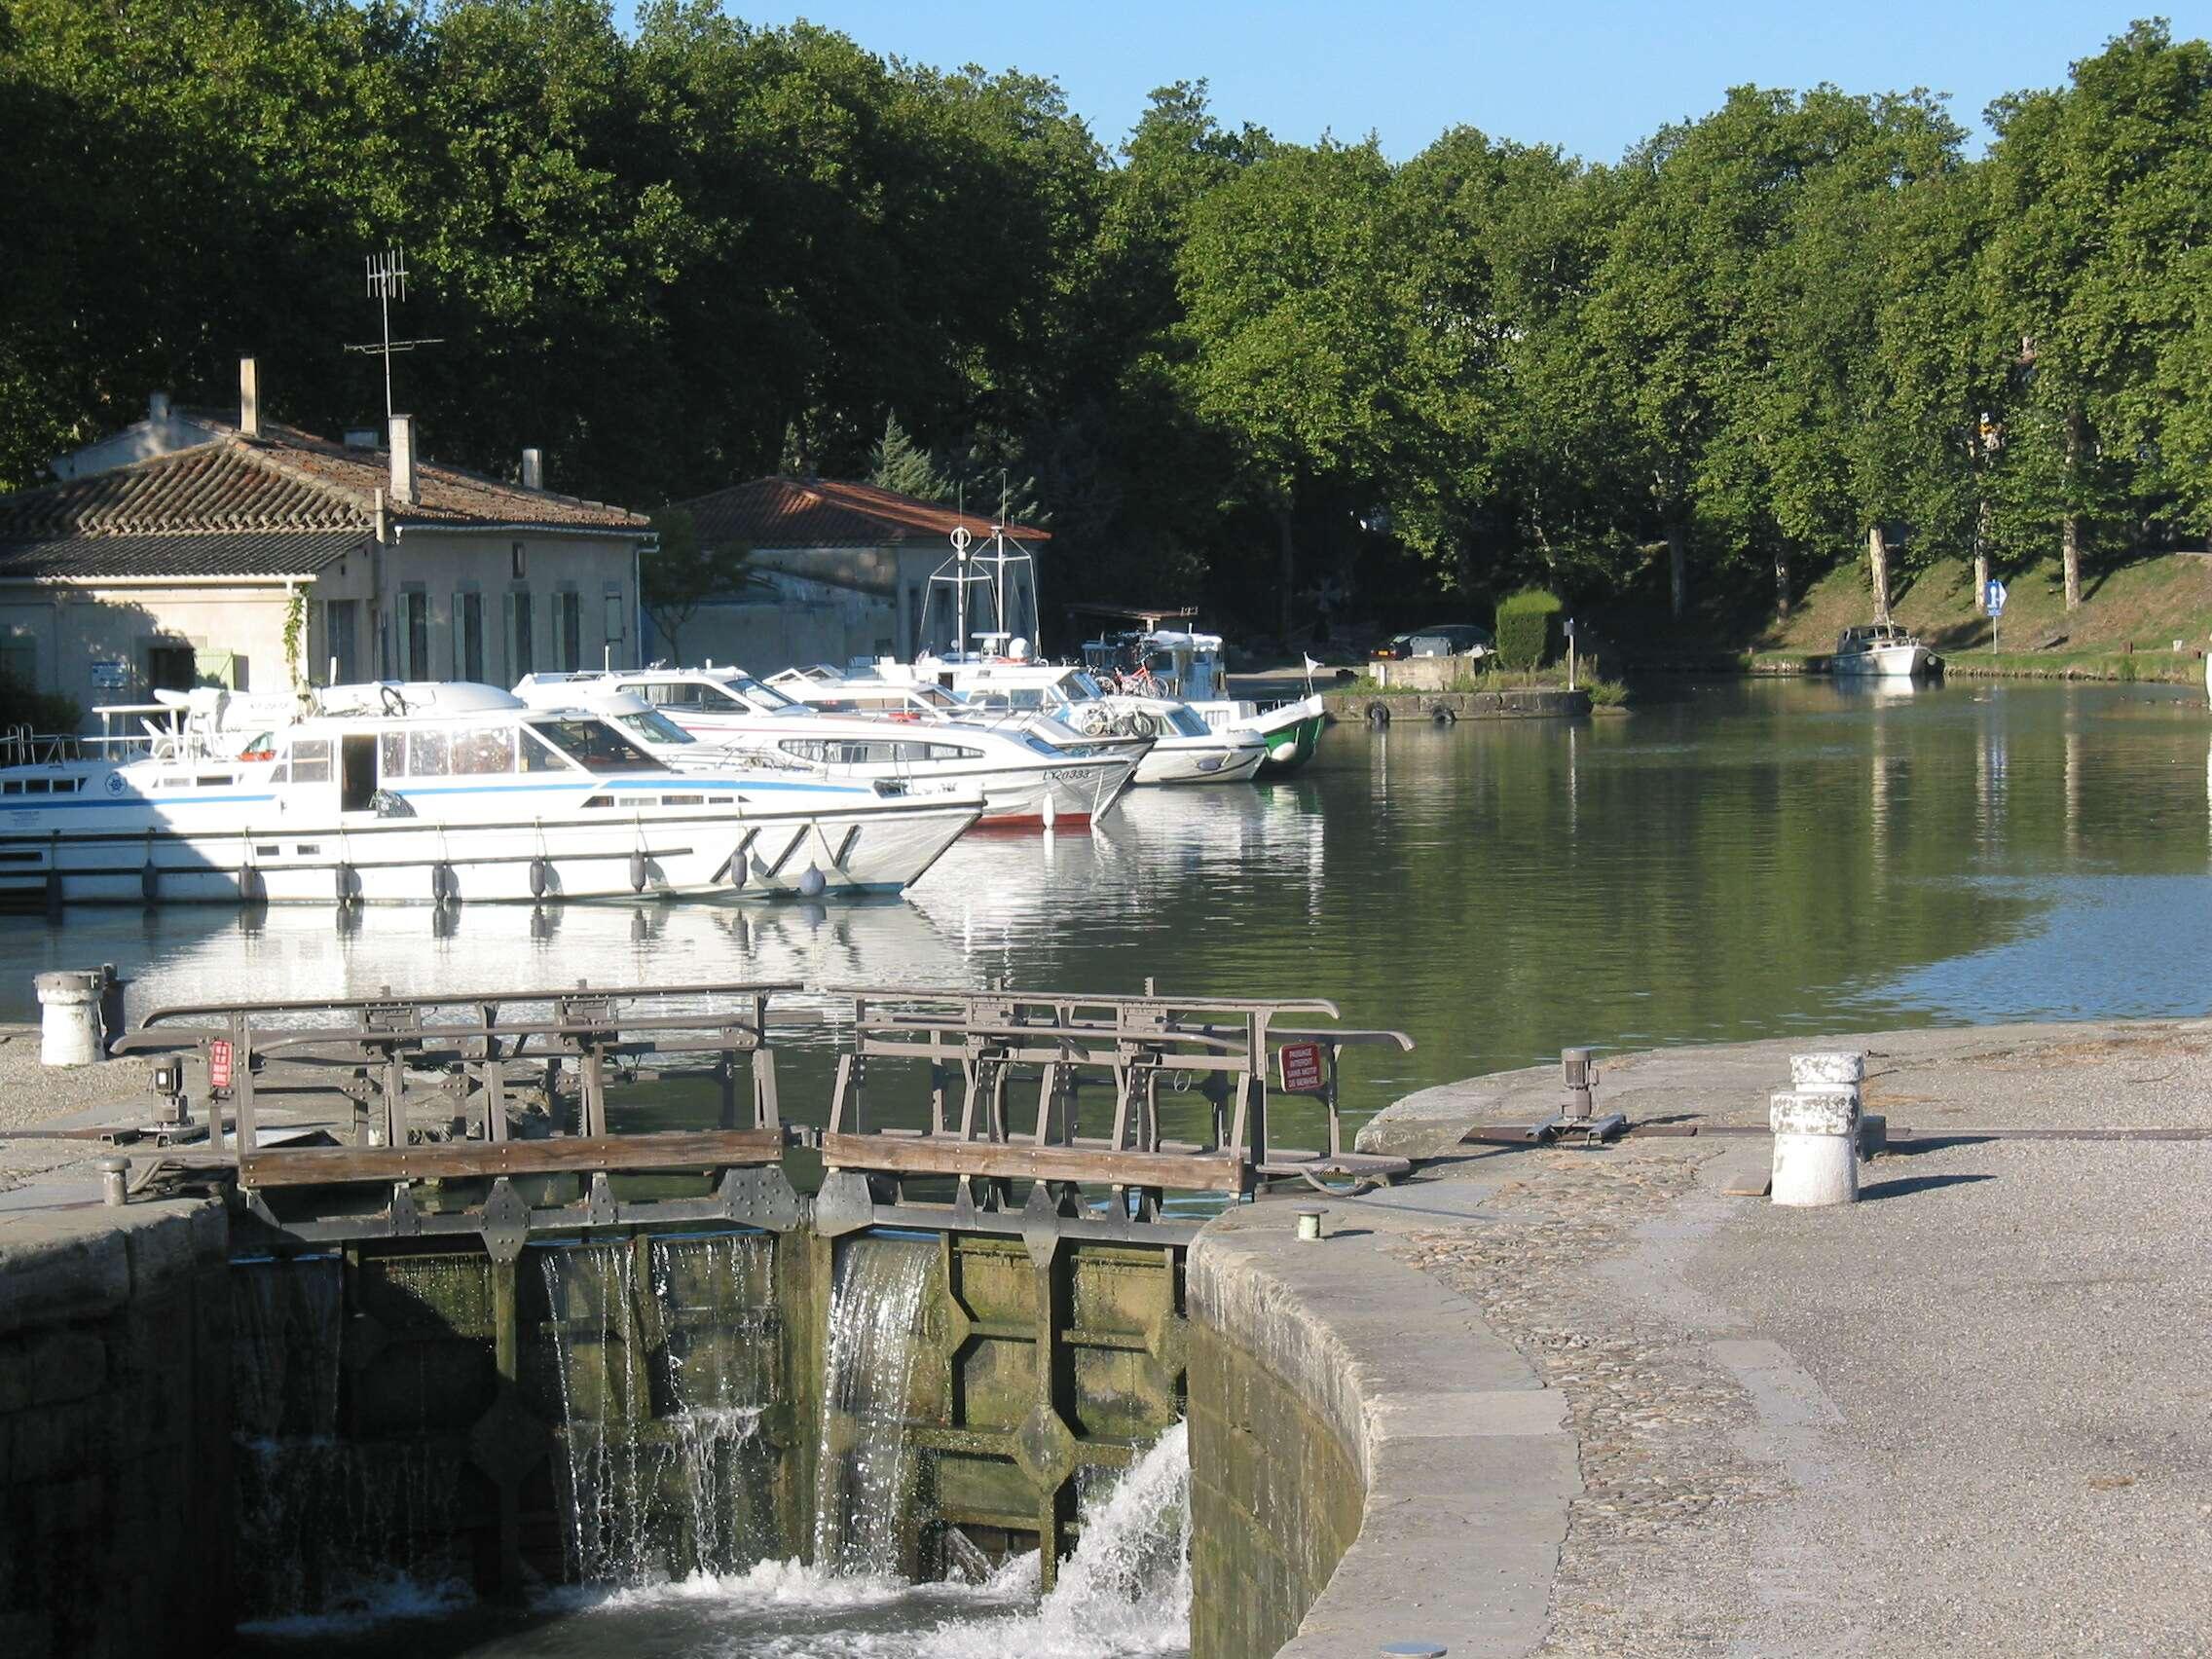 Port du canal du midi ville de carcassonne for Union piscine carcassonne